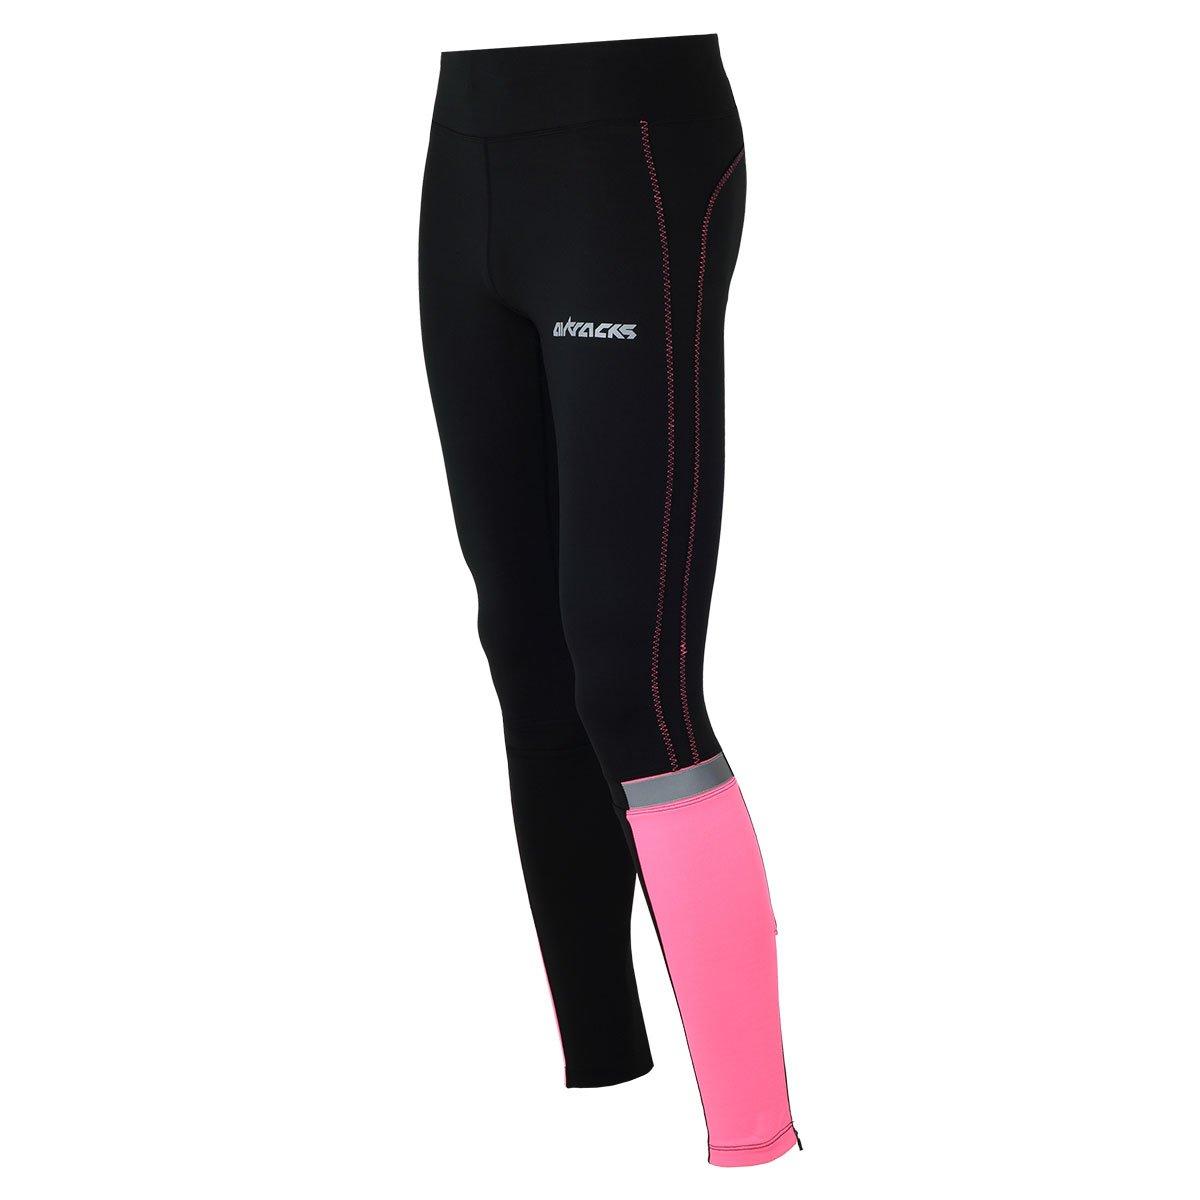 Airtracks Damen multifunzione Pantaloni Lunghi Da Corsa/Running Tight/Compressione/Traspirante/Riflettori/Neon o Pink